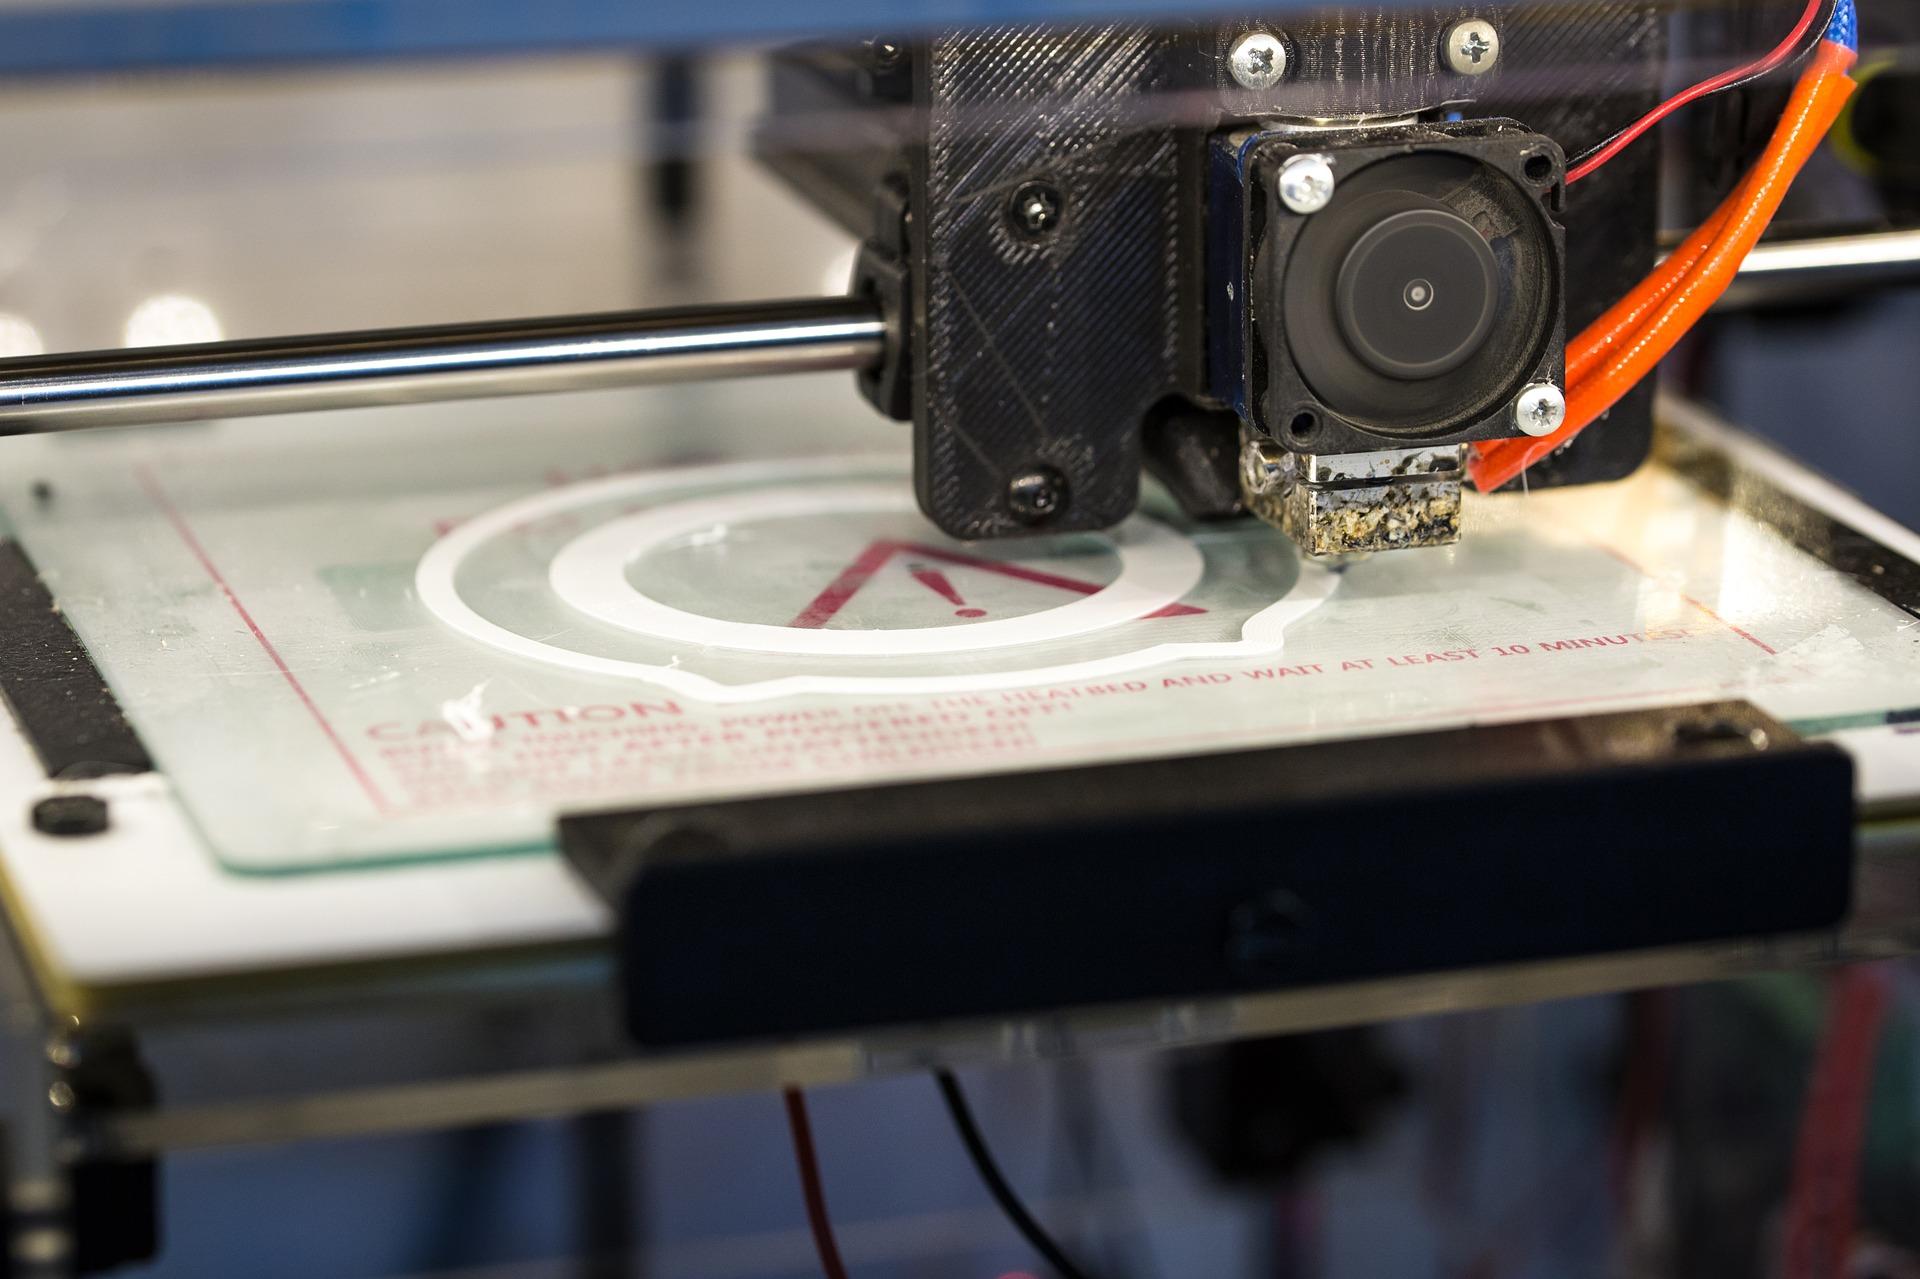 Wie funktioniert eigentlich ein 3D Drucker